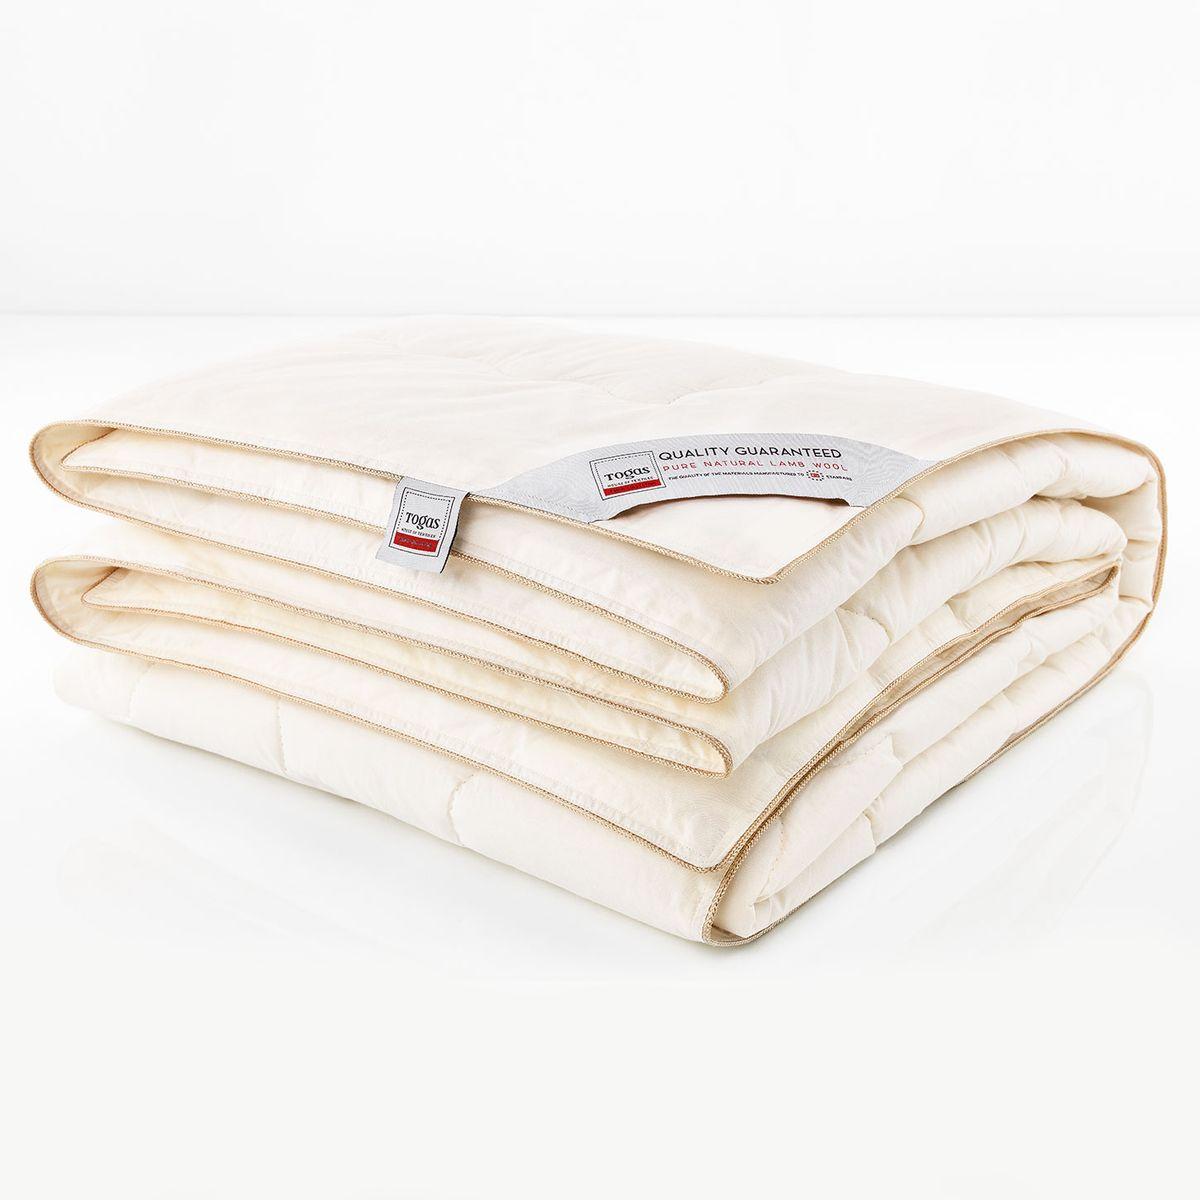 Одеяло Togas Прима, наполнитель: овечья шерсть, 220 х 240 см20.04.17.0012Одеяло Togas Прима сделает ваш отдых здоровым и комфортным. Чехол одеяла выполнен из сатина. В качестве наполнителя используется натуральная овечья шерсть. Шерсть - уникальный материал, передающий человеку энергию самой природы. Она оказывает благотворное воздействие на организм в целом, снимает чувство тревоги, стимулирует кровообращение, целебно воздействует на кожу и мышечные ткани. Овечья шерсть содержит природное вещество - ланолин. Поэтому одеяла из натуральной шерсти рекомендуют людям, страдающим радикулитом, остеохондрозом и повышенным кровяным давлением. Шерсть способна создавать сухое тепло, которое оказывает благотворное воздействие на суставы. Между шерстяными волокнами постоянно циркулирует воздух, который помогает выводить лишнее тепло и влагу, создавая идеальный микроклимат во время сна. Шерсть также обладает легкостью, гигроскопичностью, мягкостью и обладает терморегулирующими свойствами: удерживает прохладу летом и тепло зимой. Одеяло очень износостойко, неприхотливо и просто в уходе, оно прослужат вам долгие годы, не потеряв своей формы и удивительных свойств. Изделие имеет антибактериальную обработку.Плотность наполнителя: 250 г/м2.